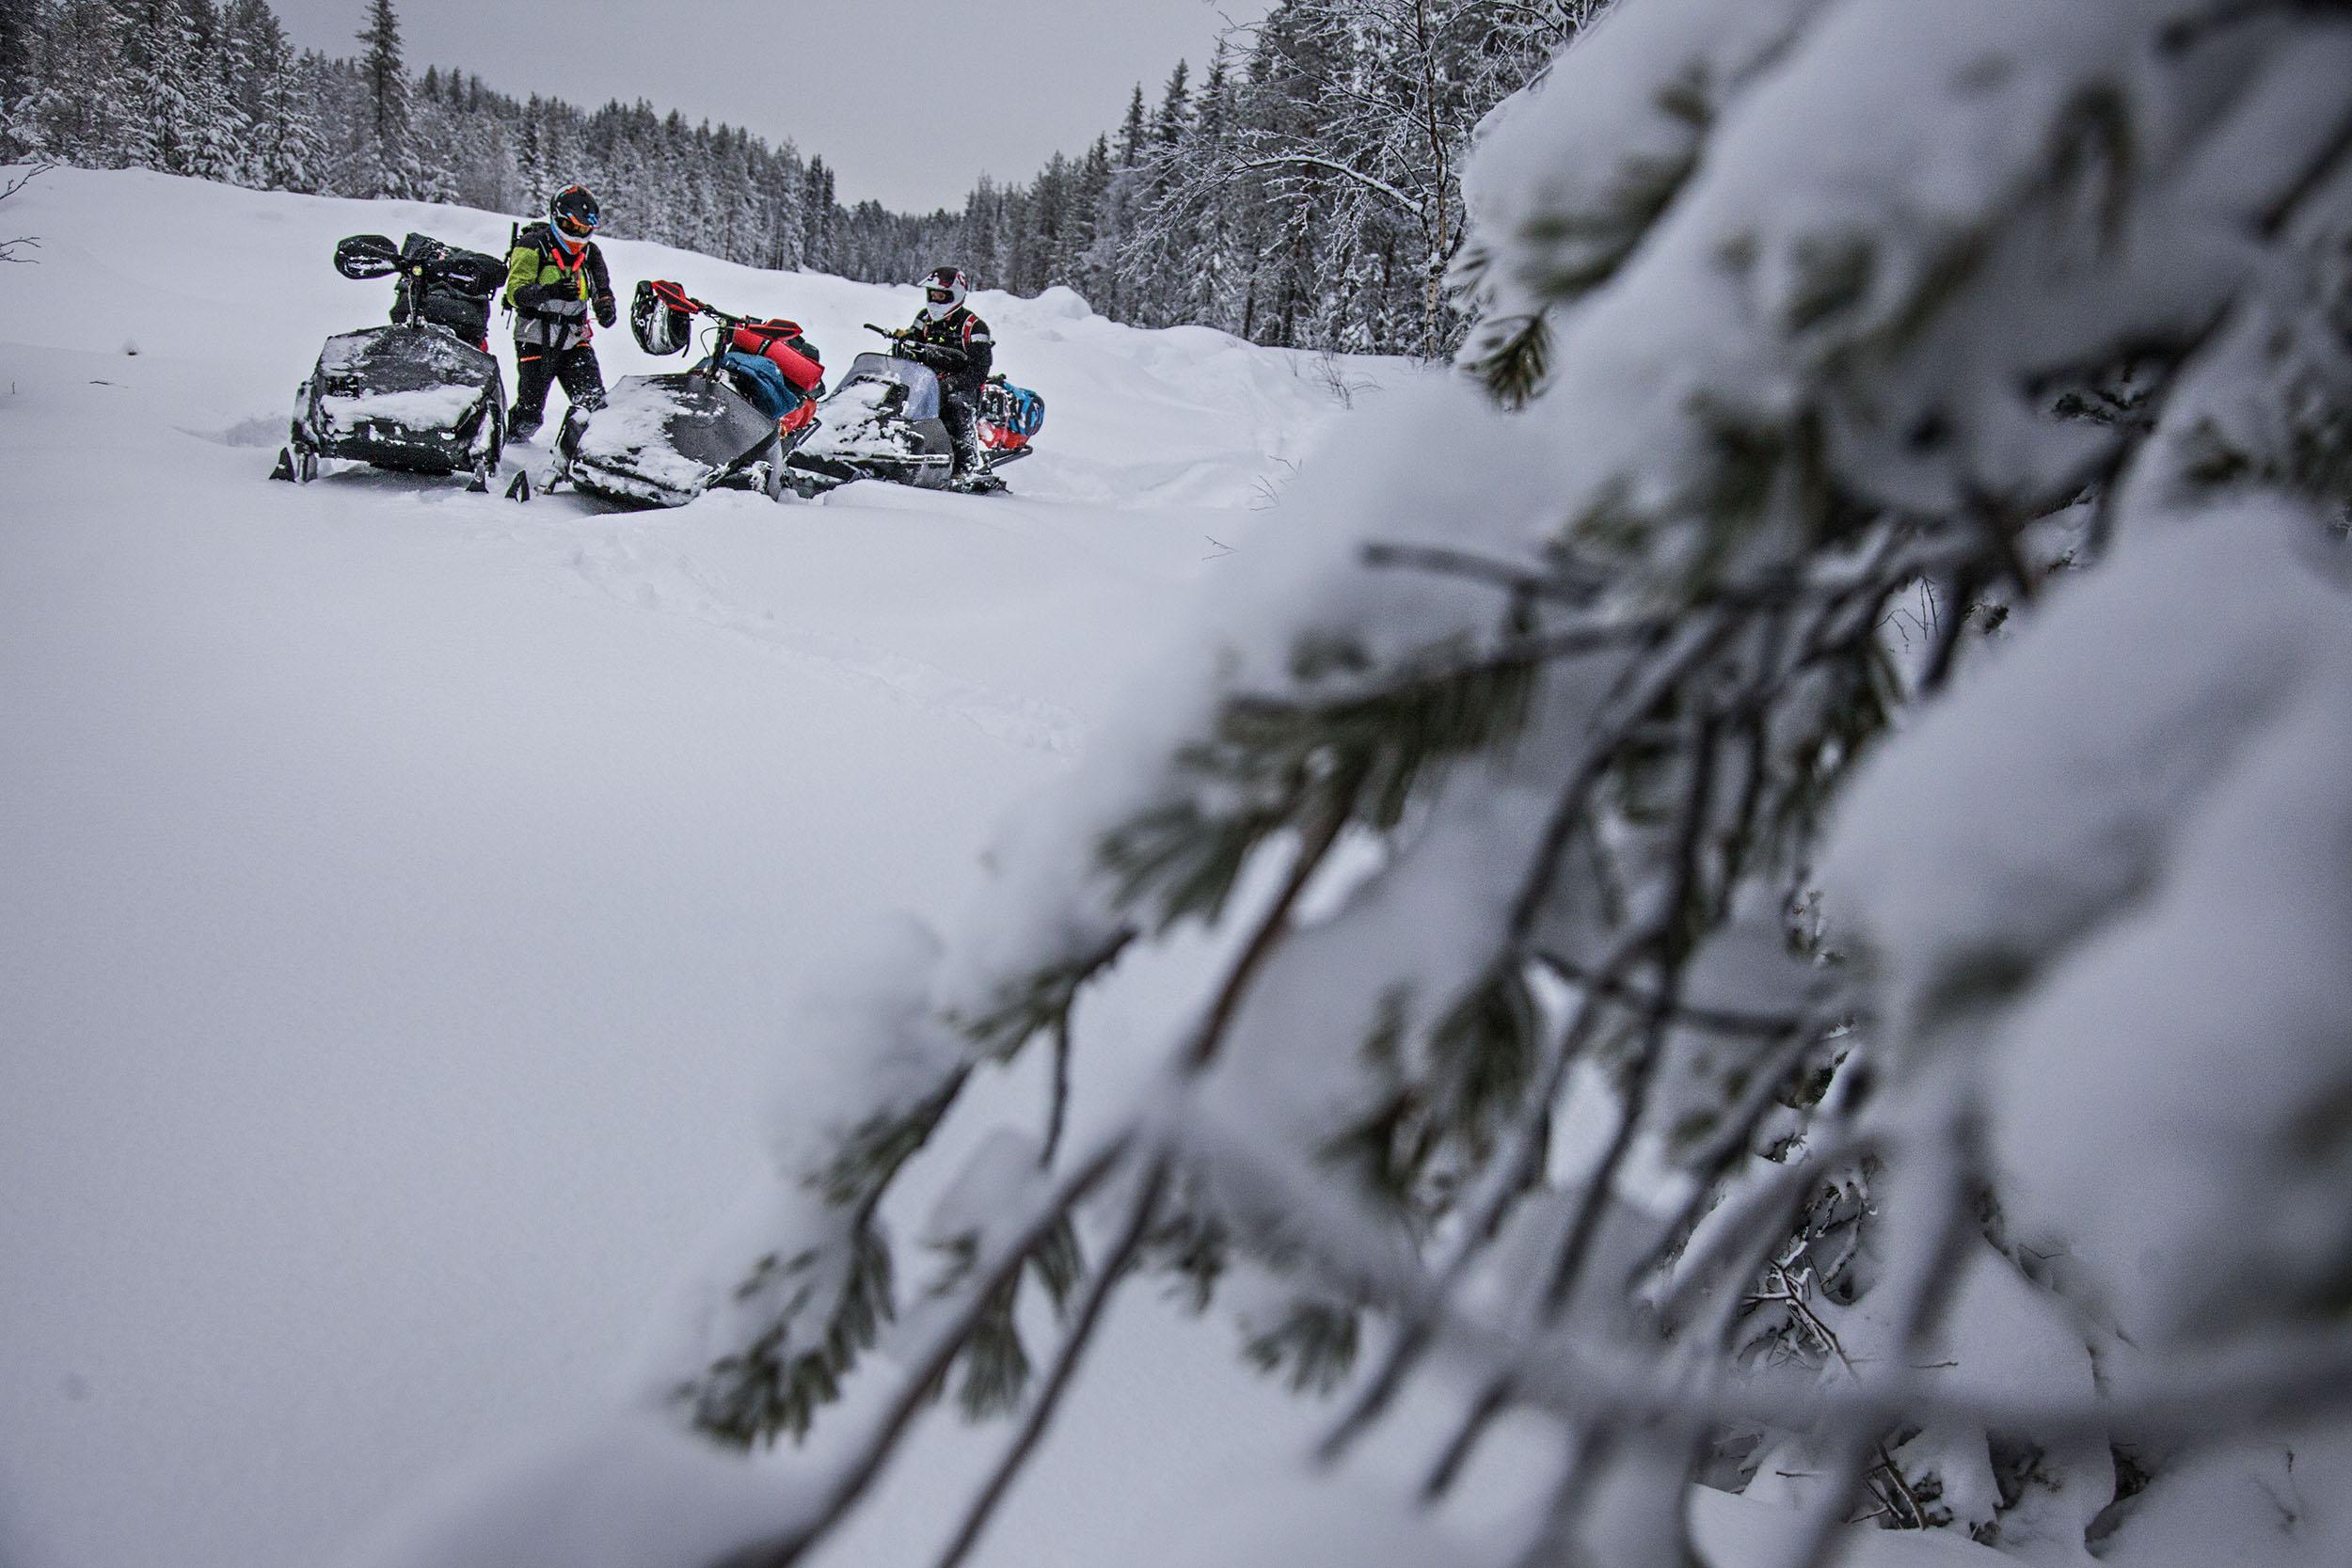 Här ett första stopp mellan Svensbyn och Långträsk. En förändring i snödjupet började så sakteliga att märkas.